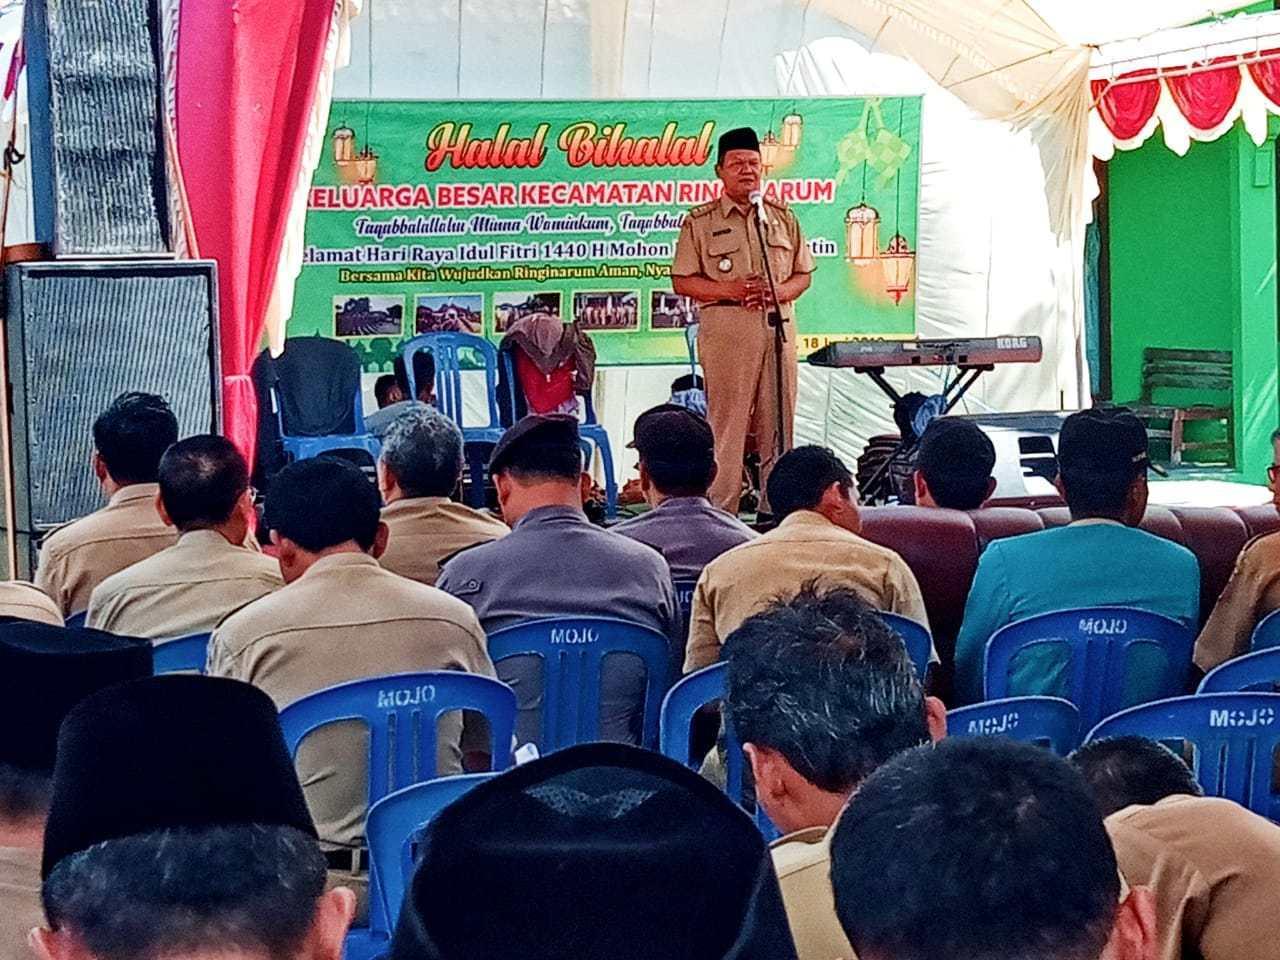 Sambutan Camat Riginarum dalam acara Halal Bihalal Keluarga Besar Kecamatan Ringinarum